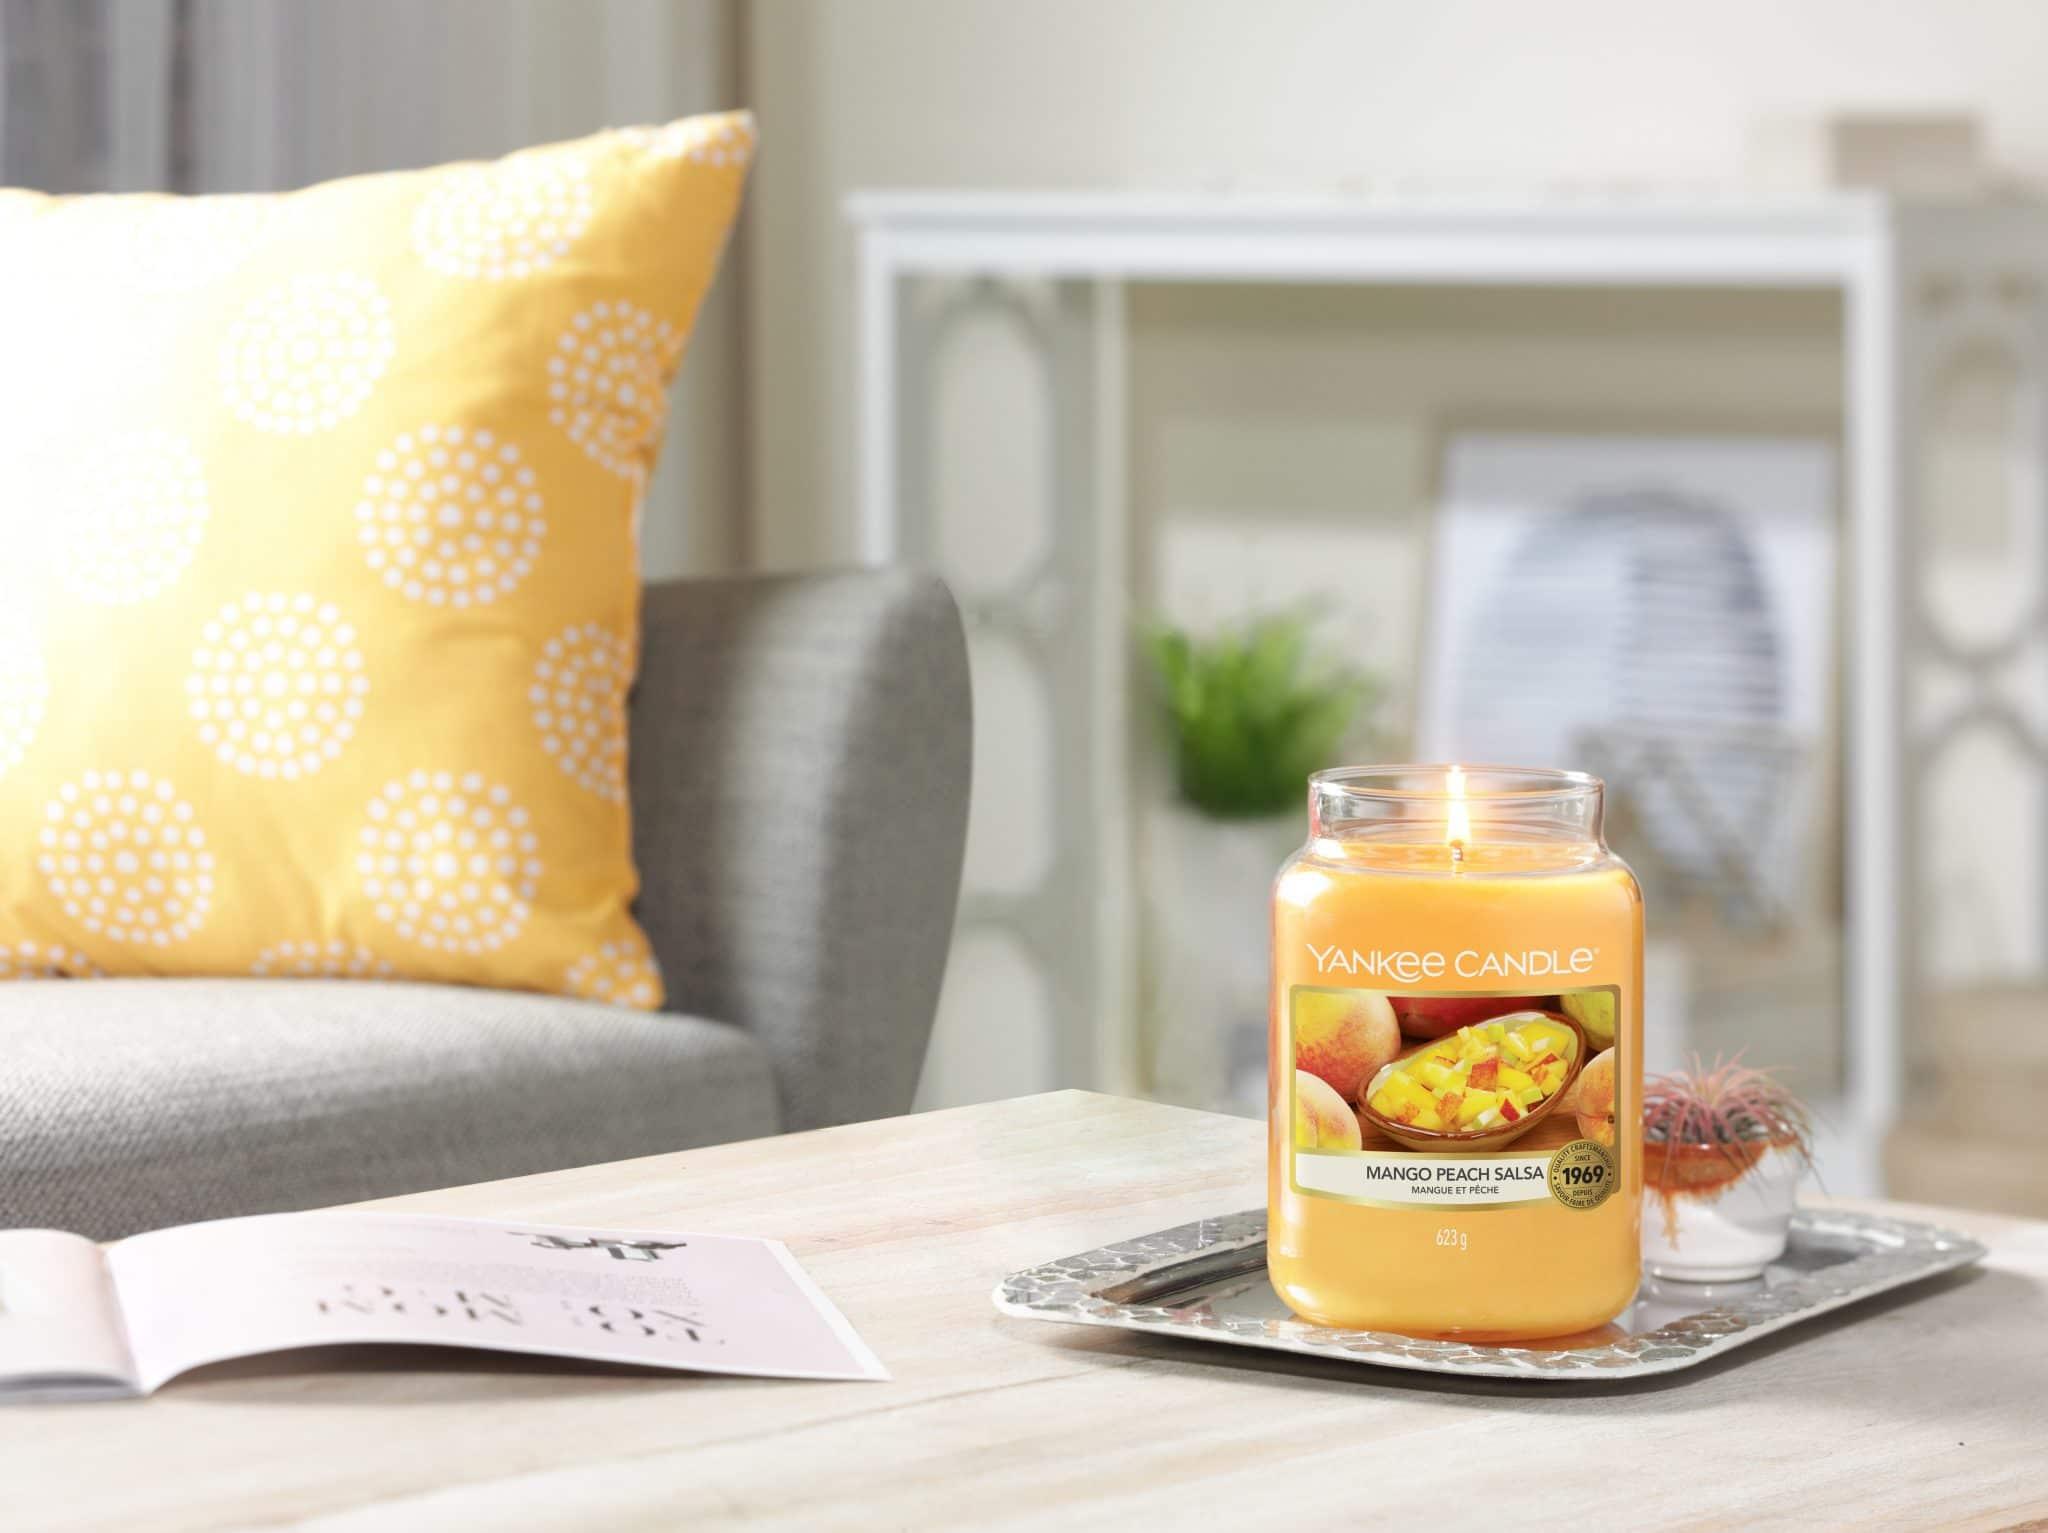 Yankee Candle Mango Peac Salsa fragranza del mese con il 25% di sconto